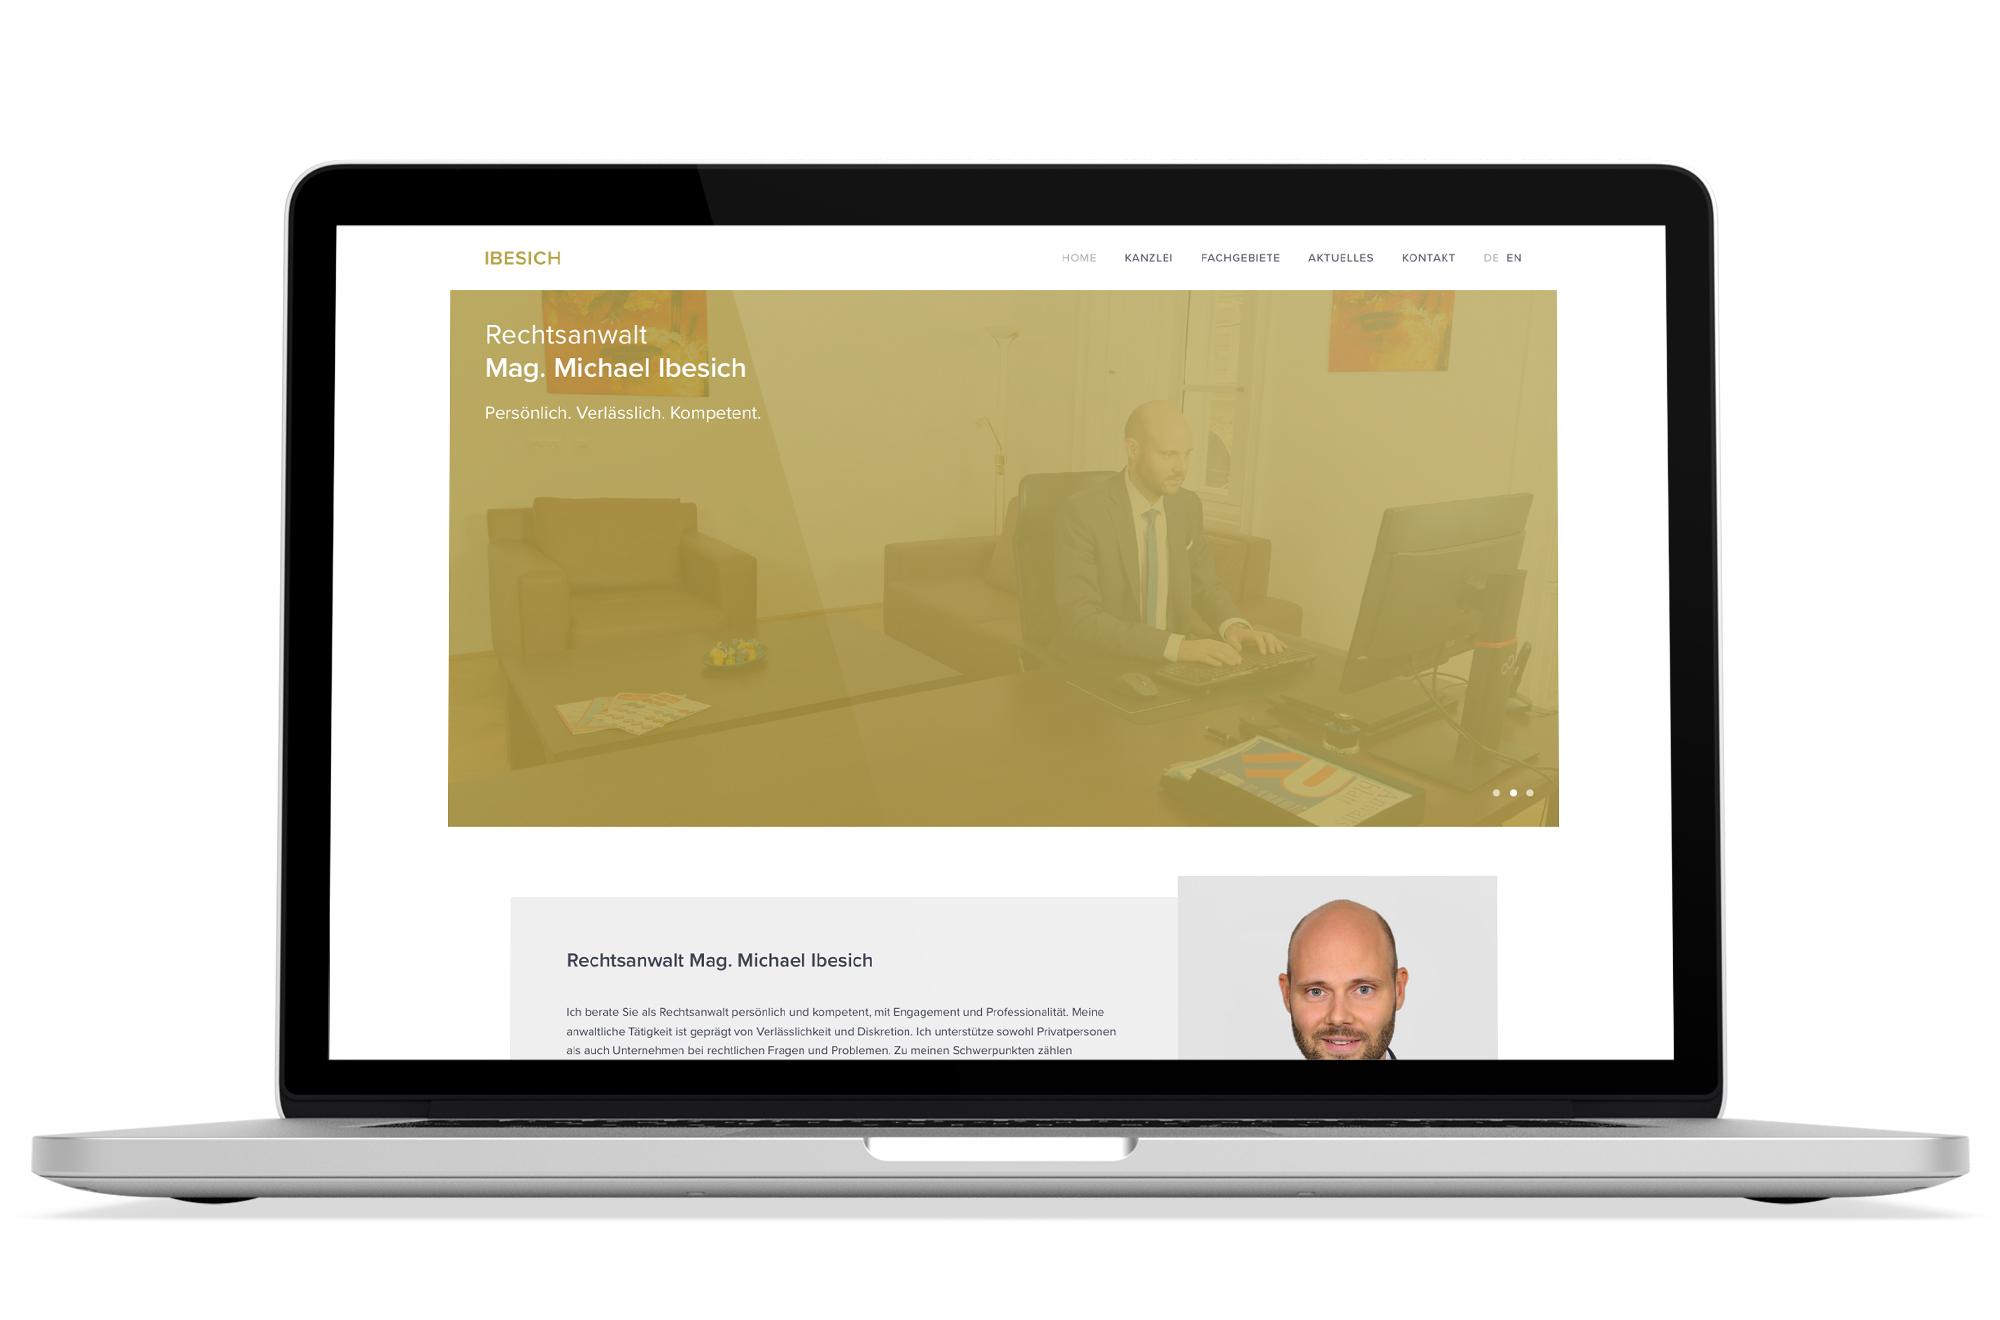 Webdesign Beispiel: Logodesign, Responsive Webdesign, WordPress für Anwalt